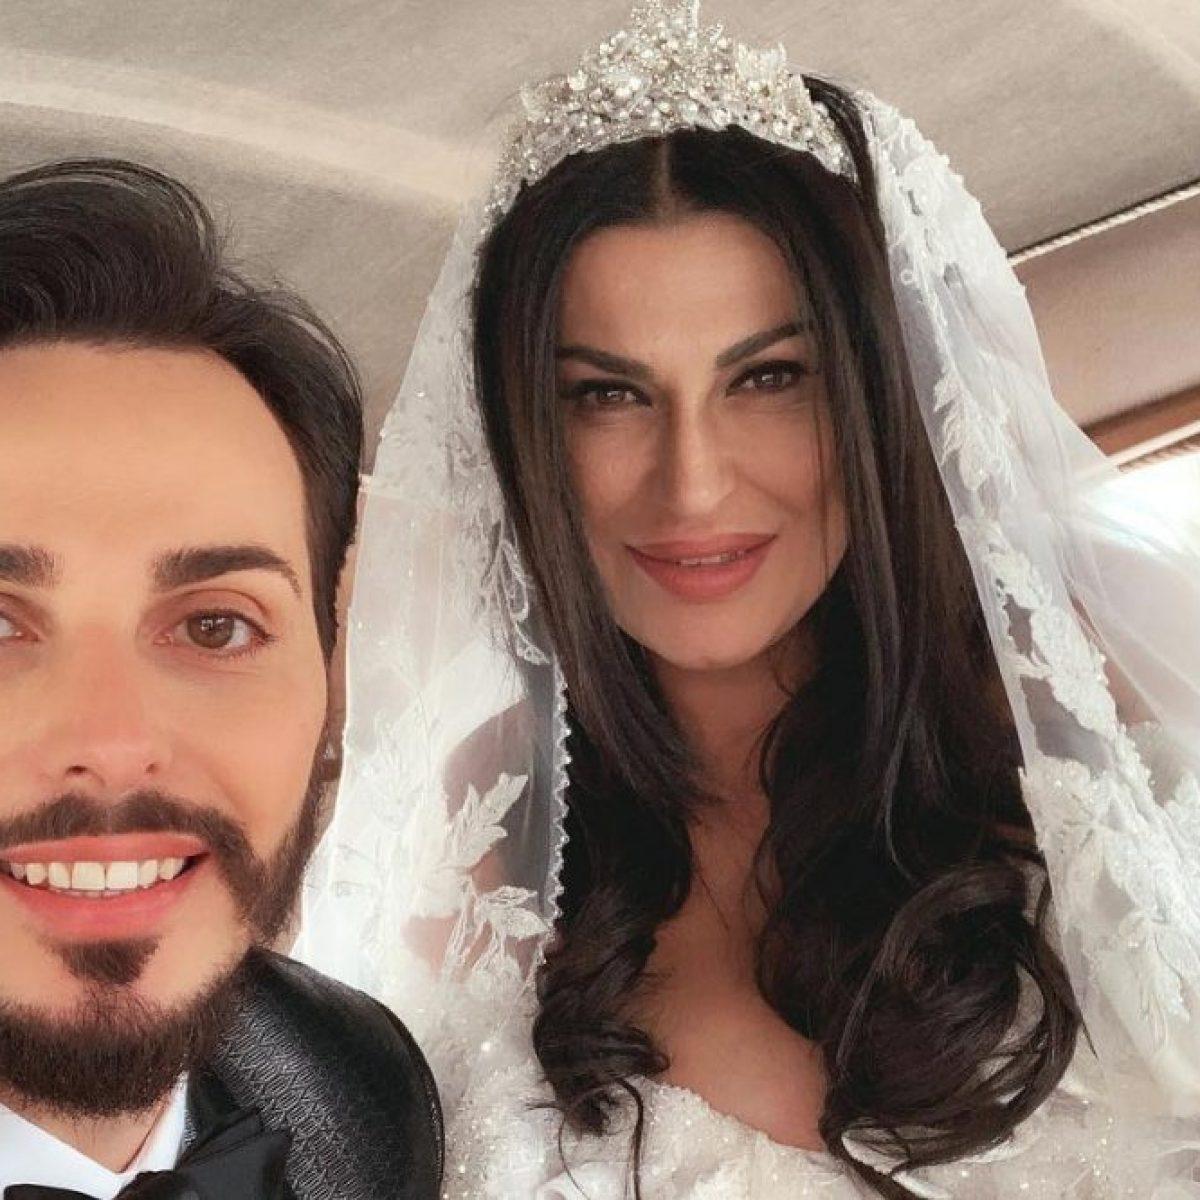 Matrimonio di Tony Colombo e Tina Rispoli: polemiche e risposta a